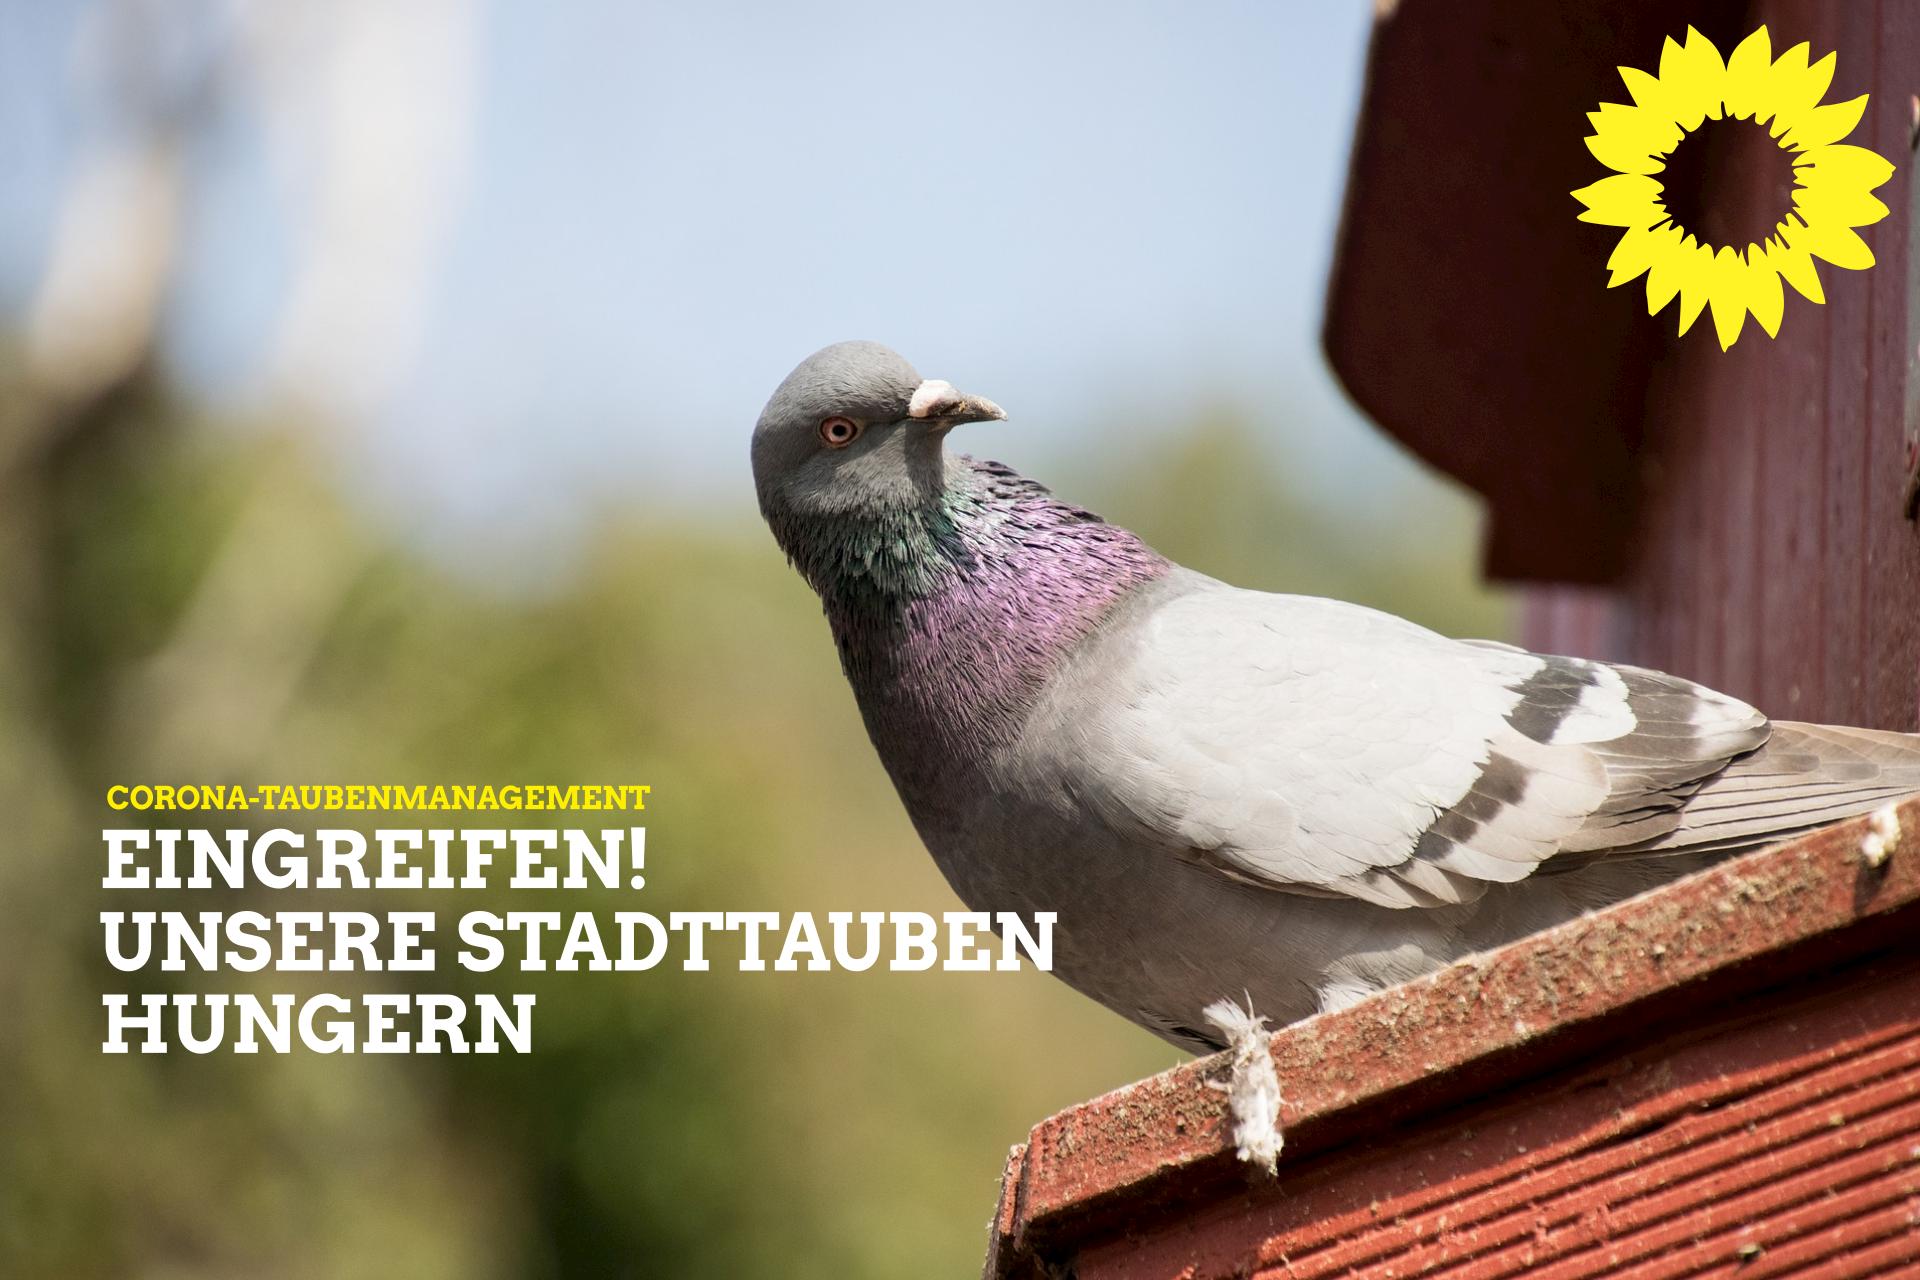 Corona-Taubenmanagement: Eingreifen! Unsere Stadttauben hungern